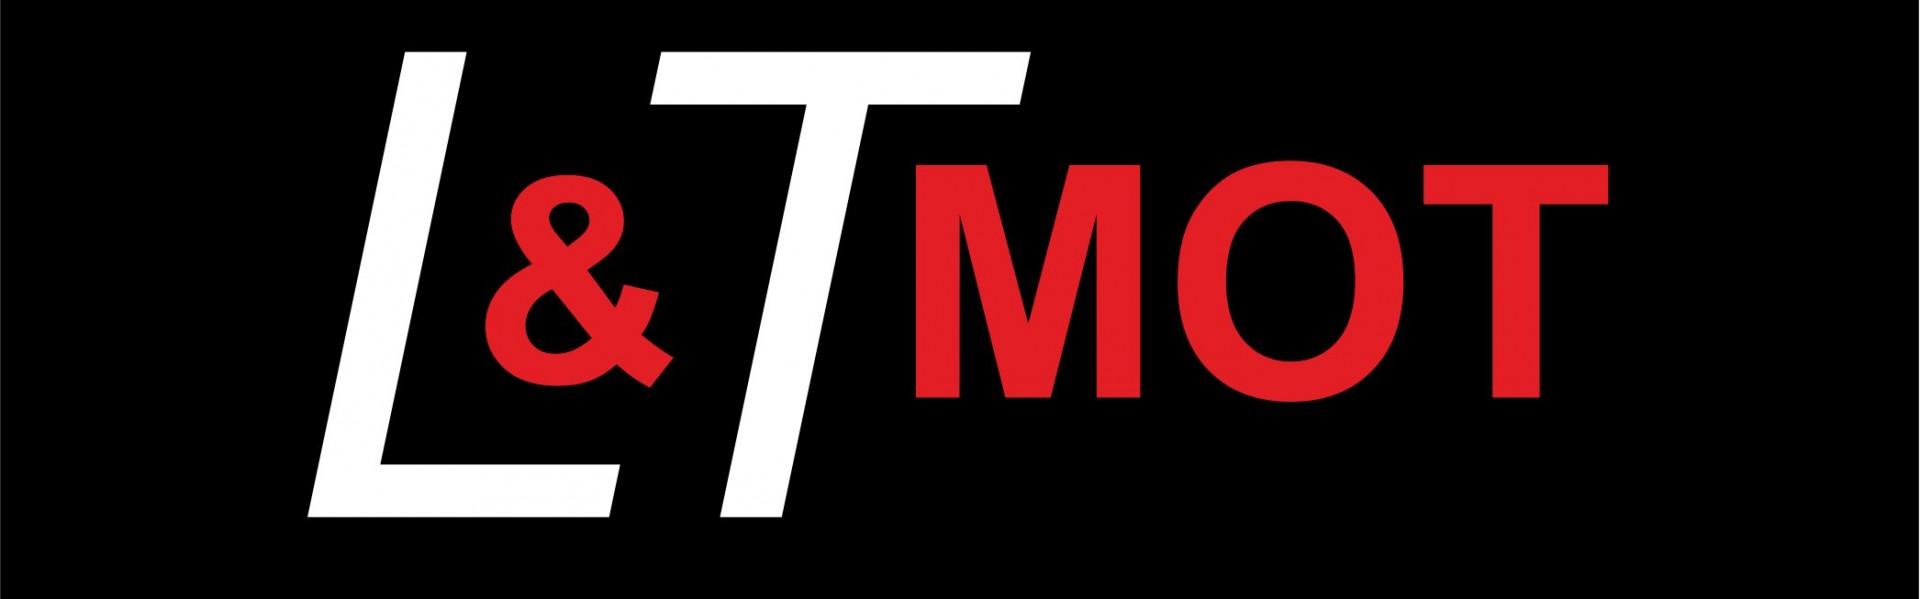 L & T MOT